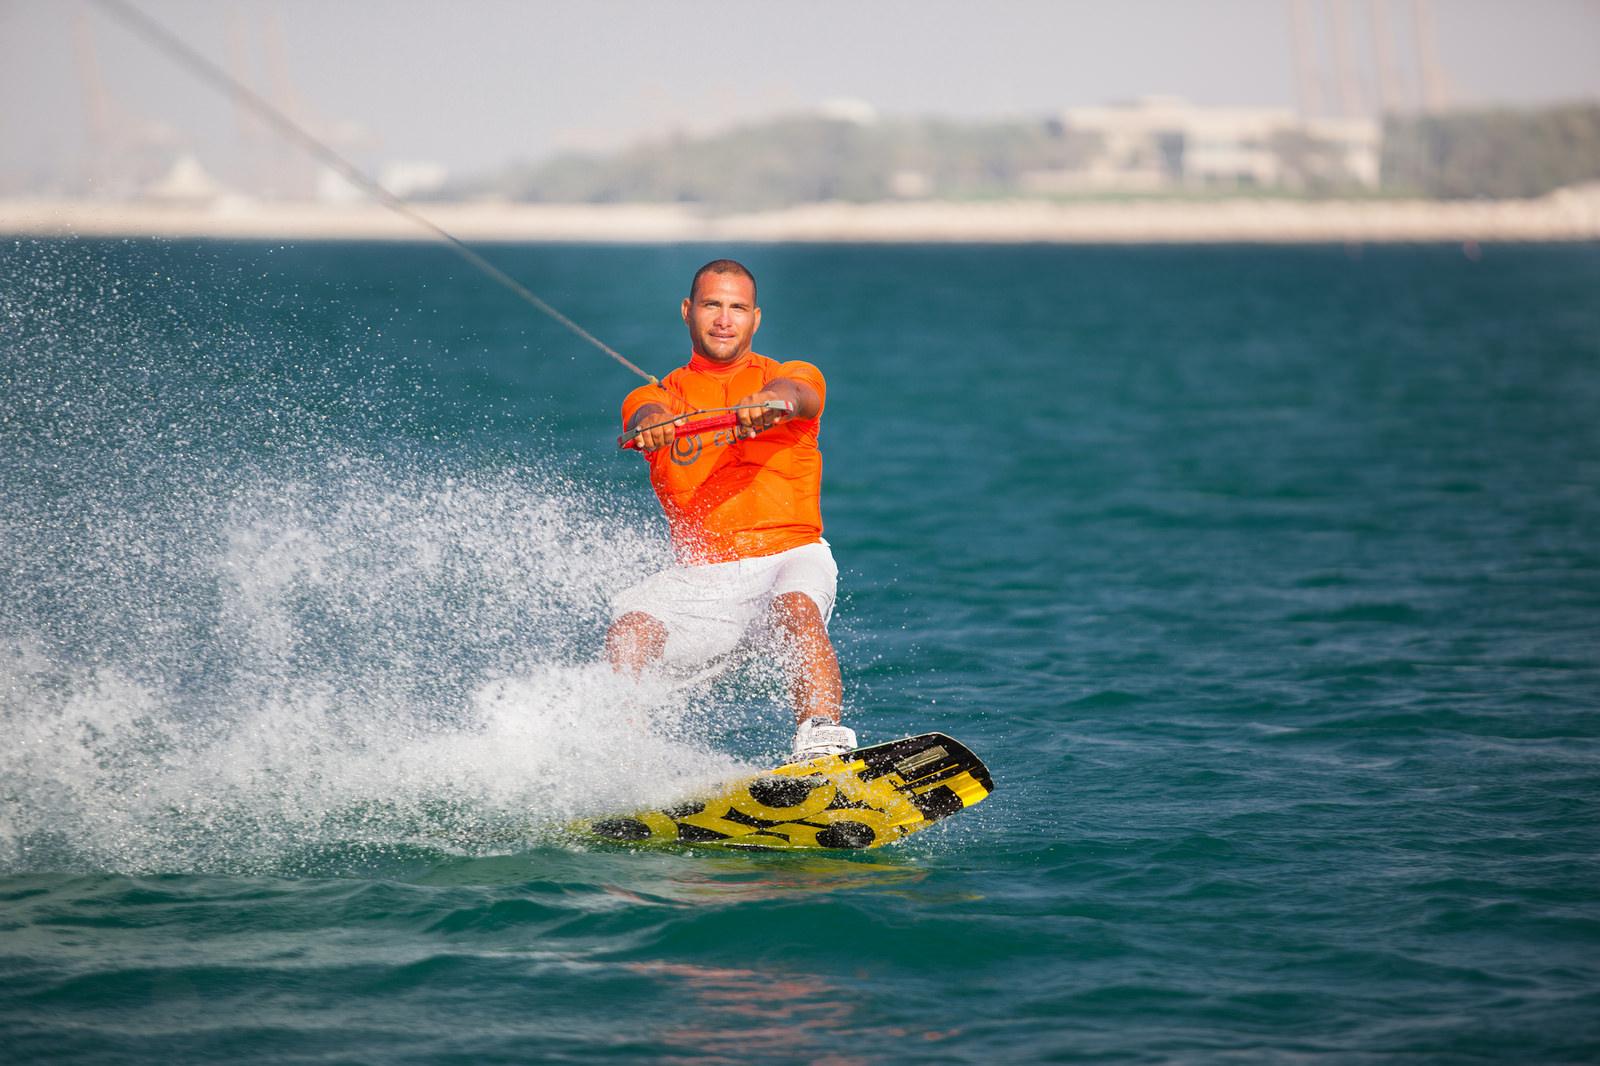 Мужчина на водных лыжах